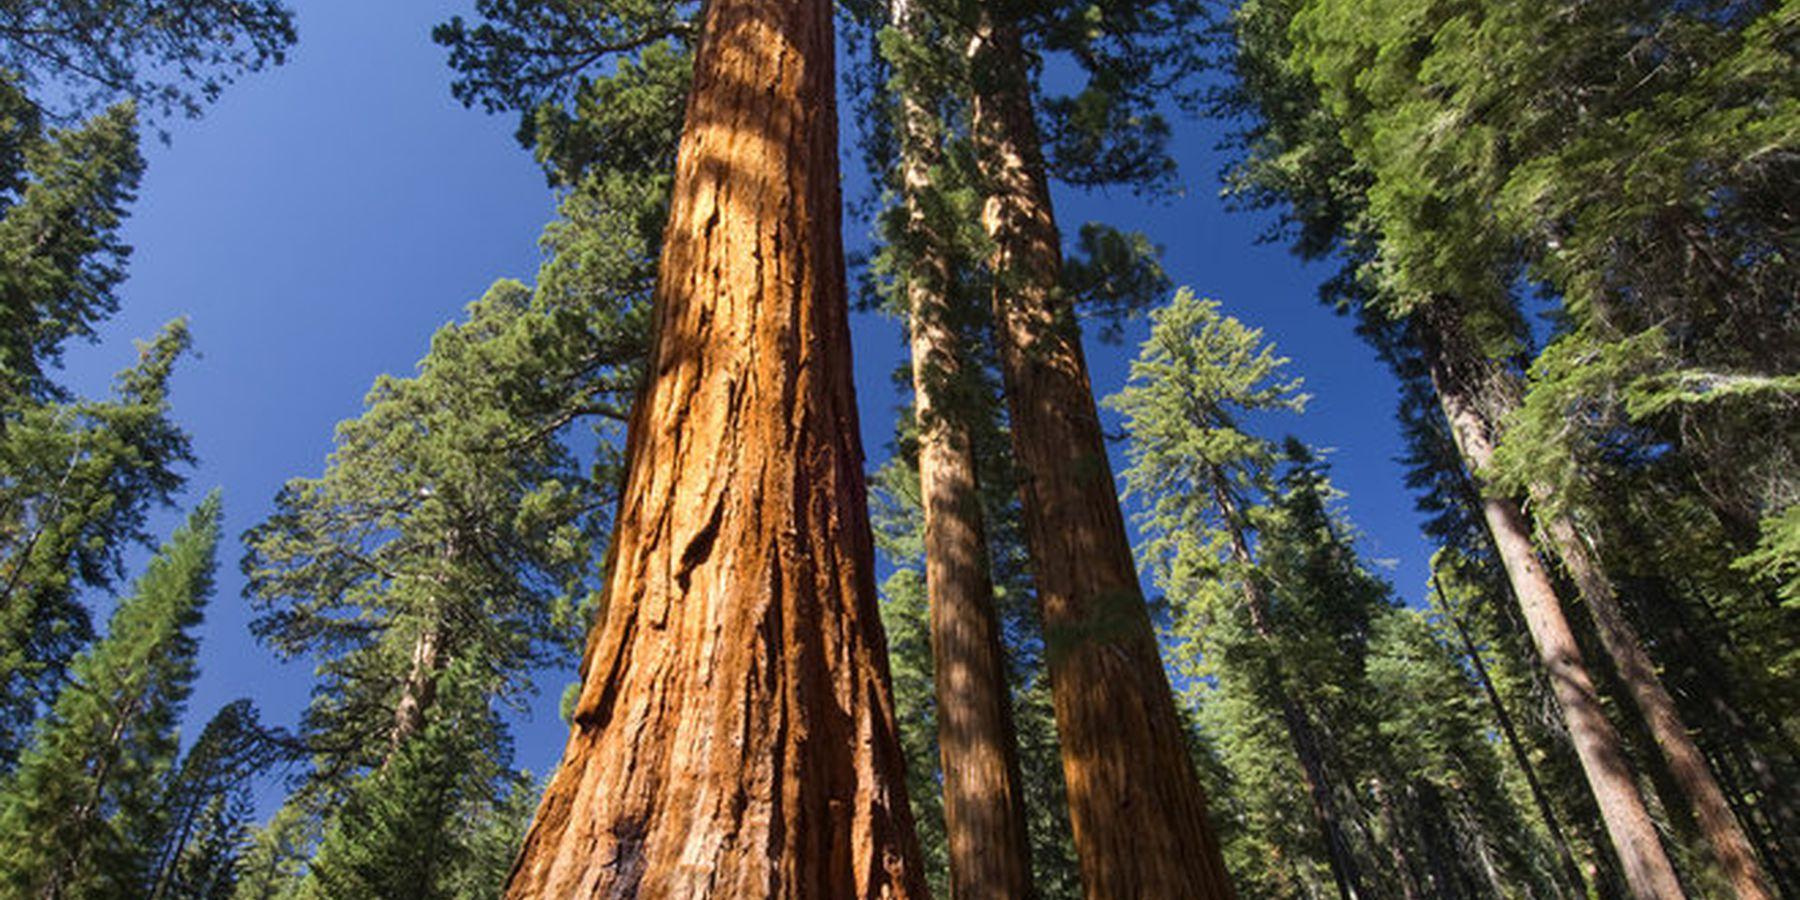 Mariposa Grove - Sequoia National Park - California - Amerika - Doets Reizen